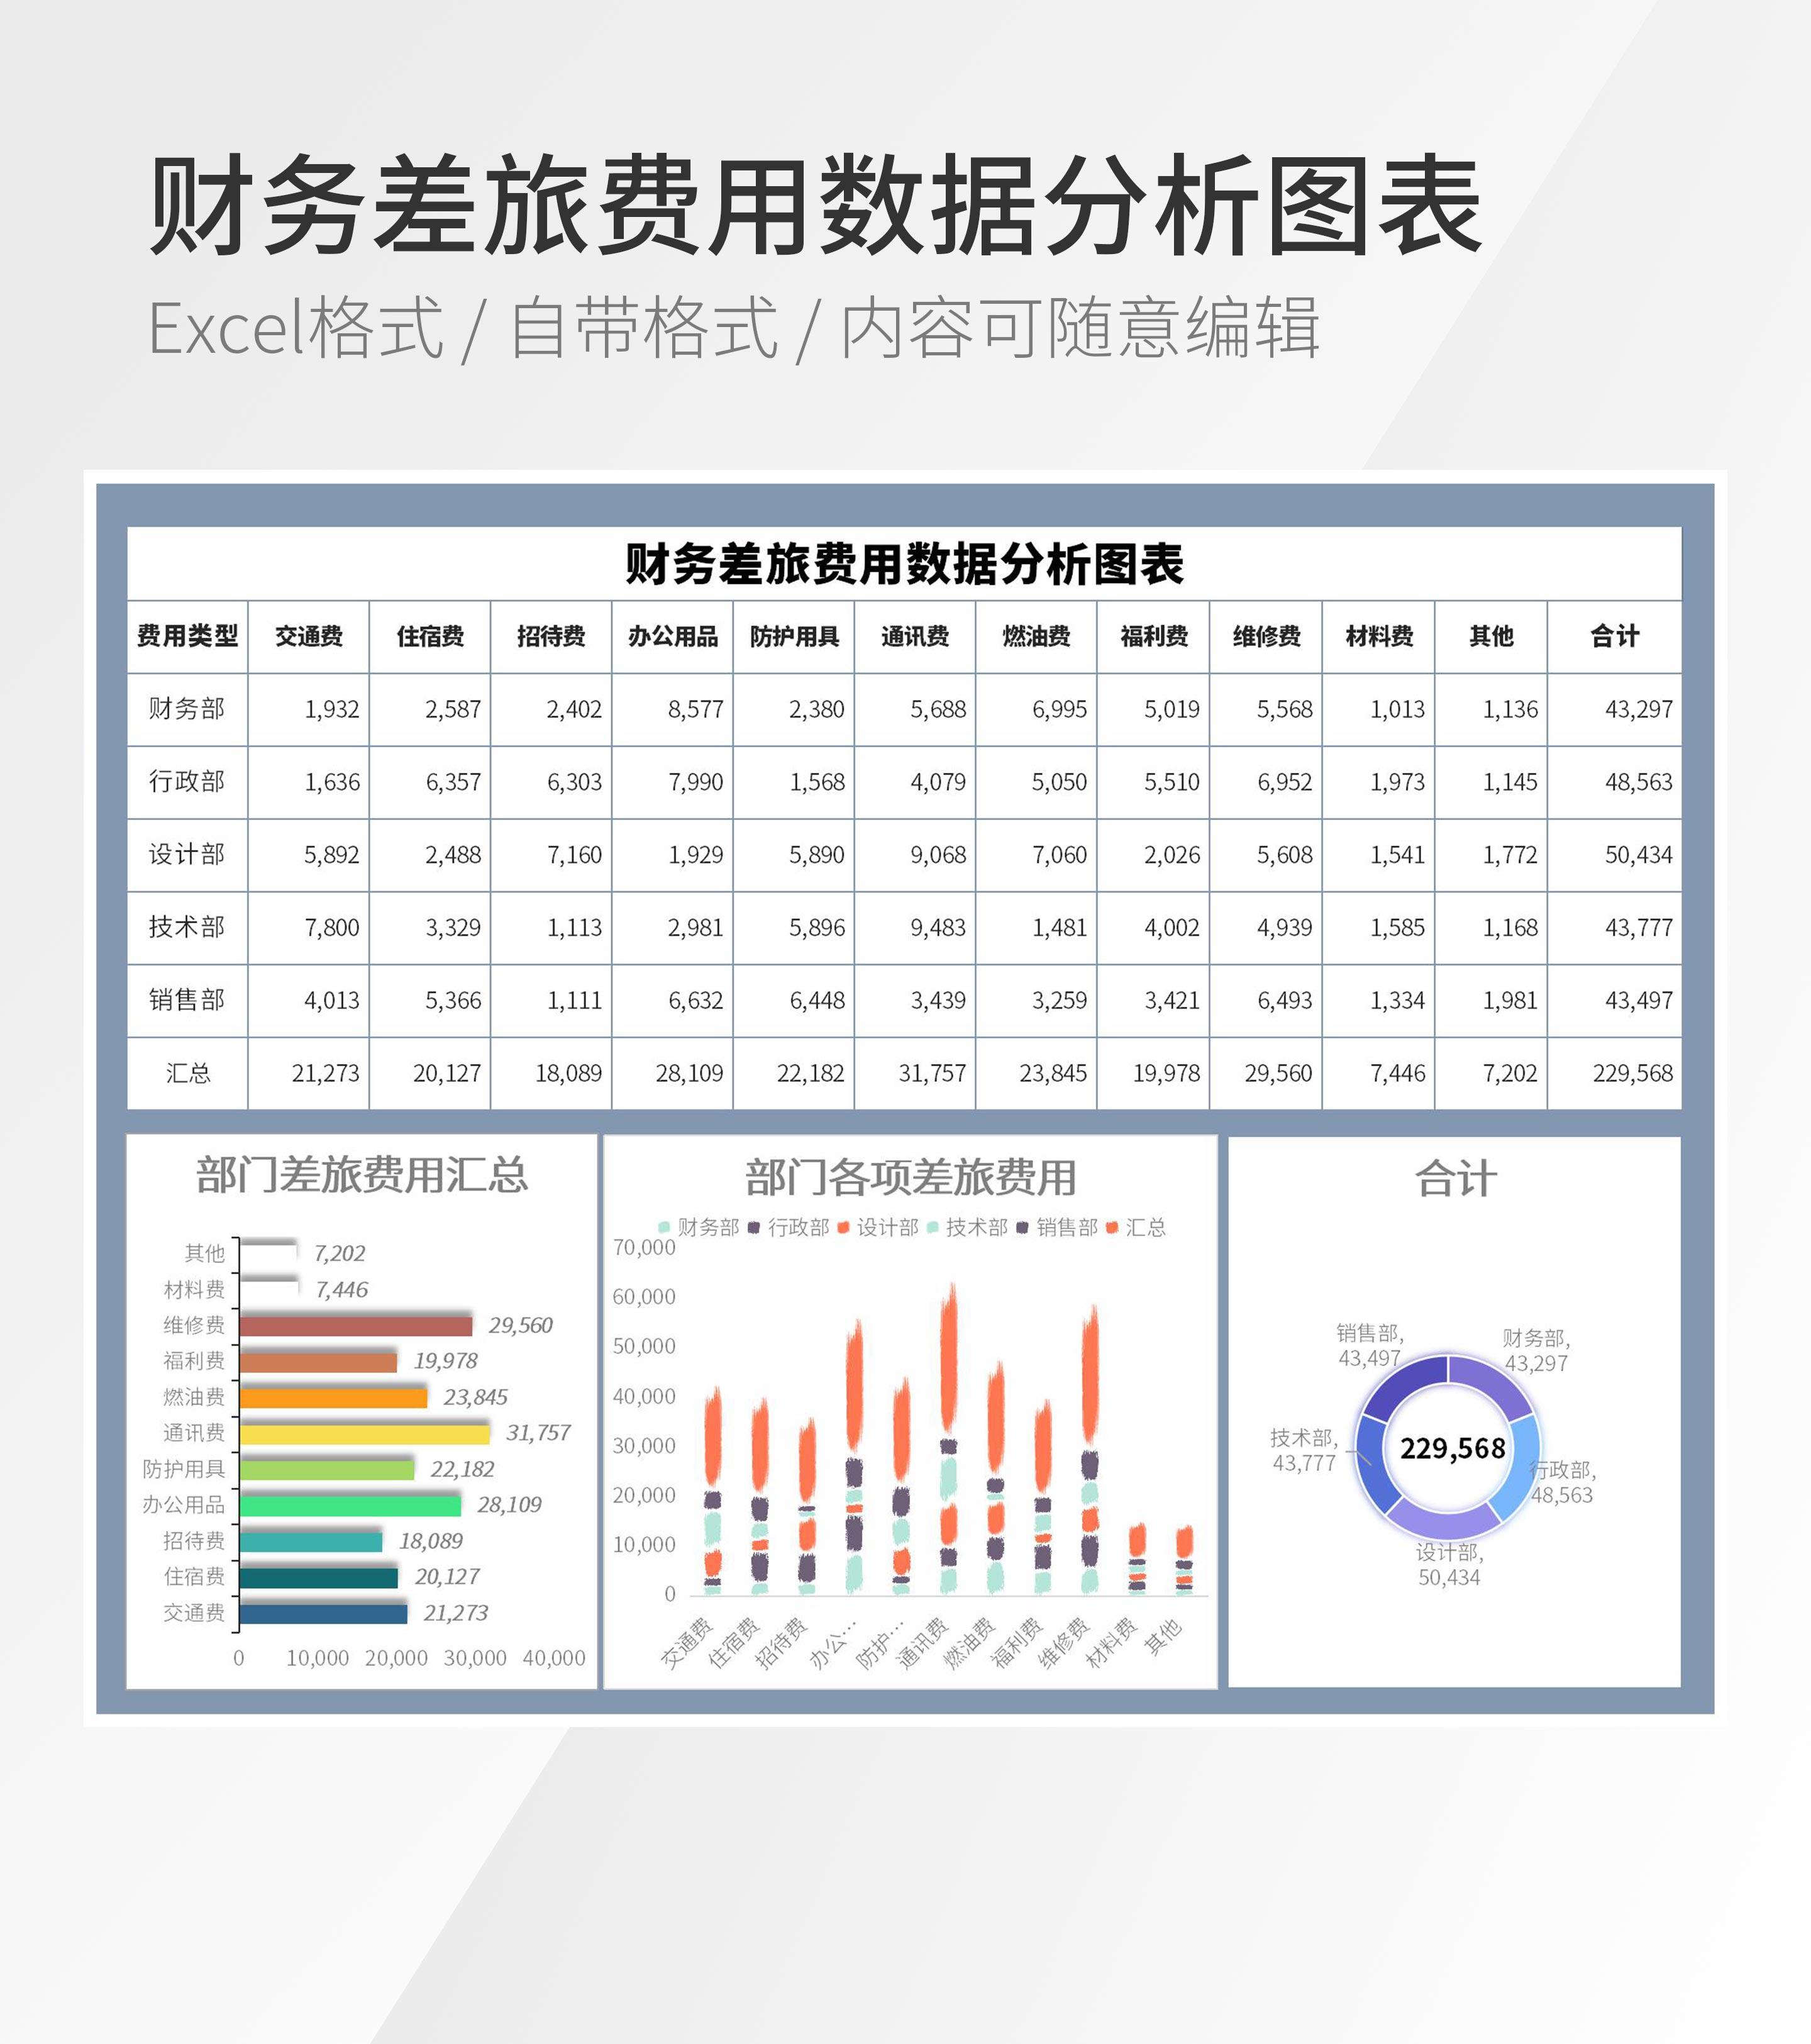 蓝白财务差旅费分析报表Excel模板